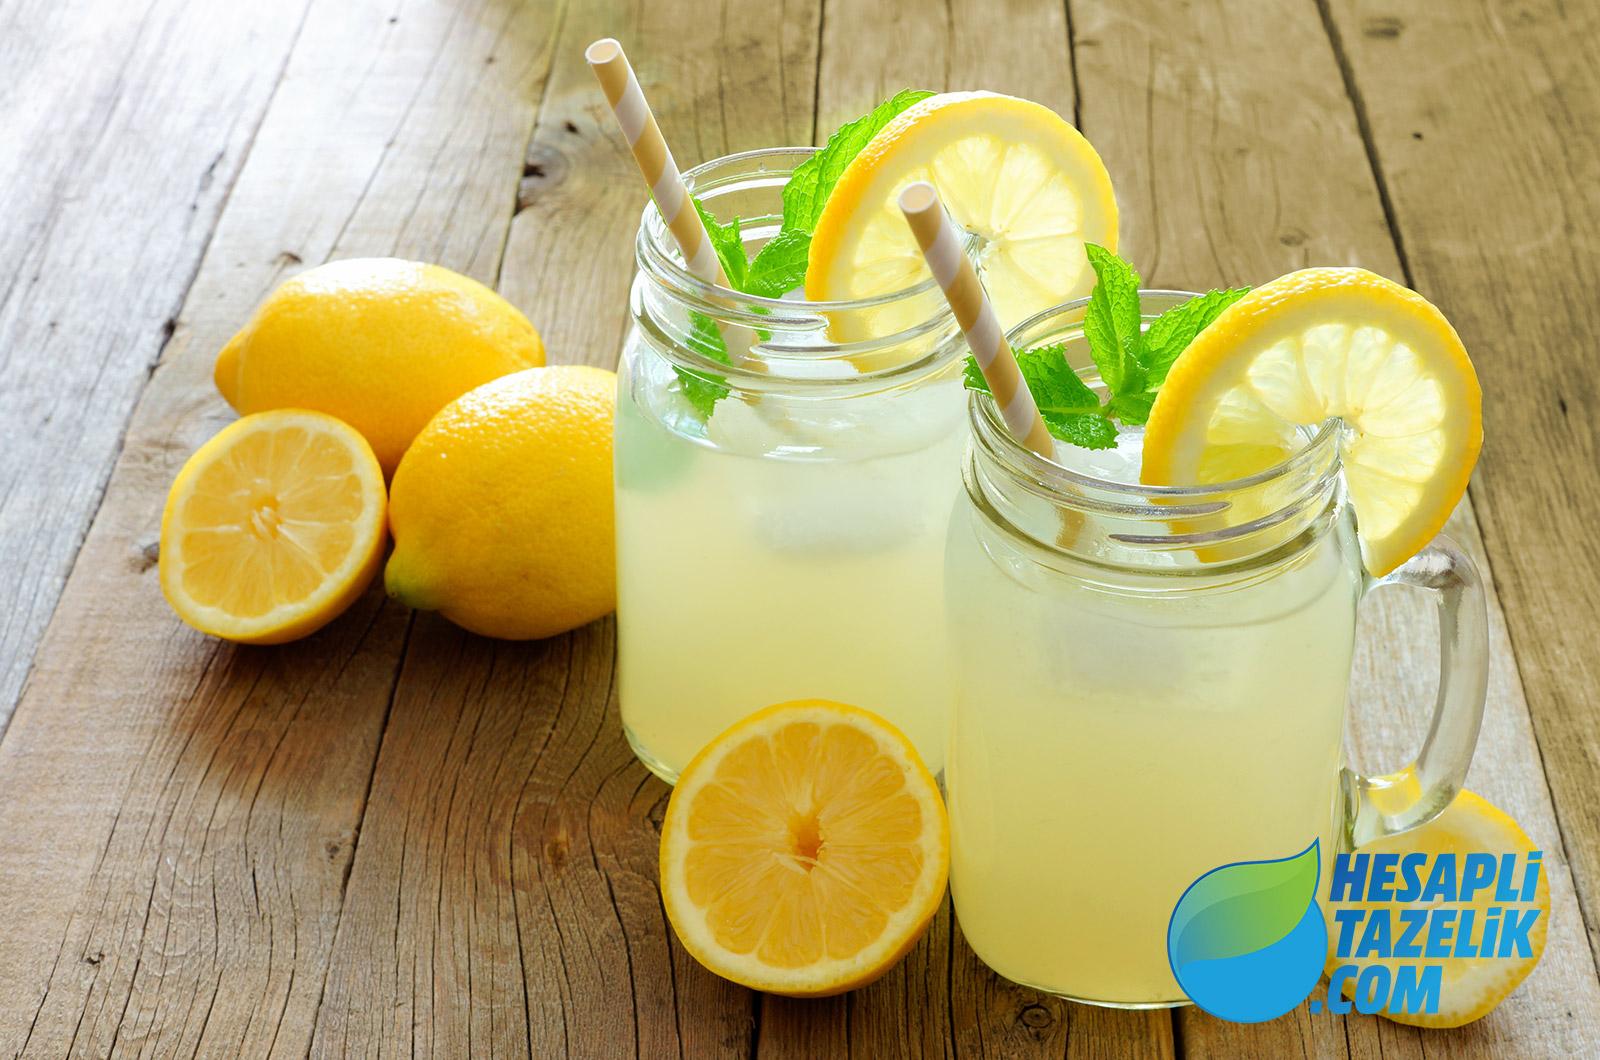 Donmuş Limon ile Kolay Limonata